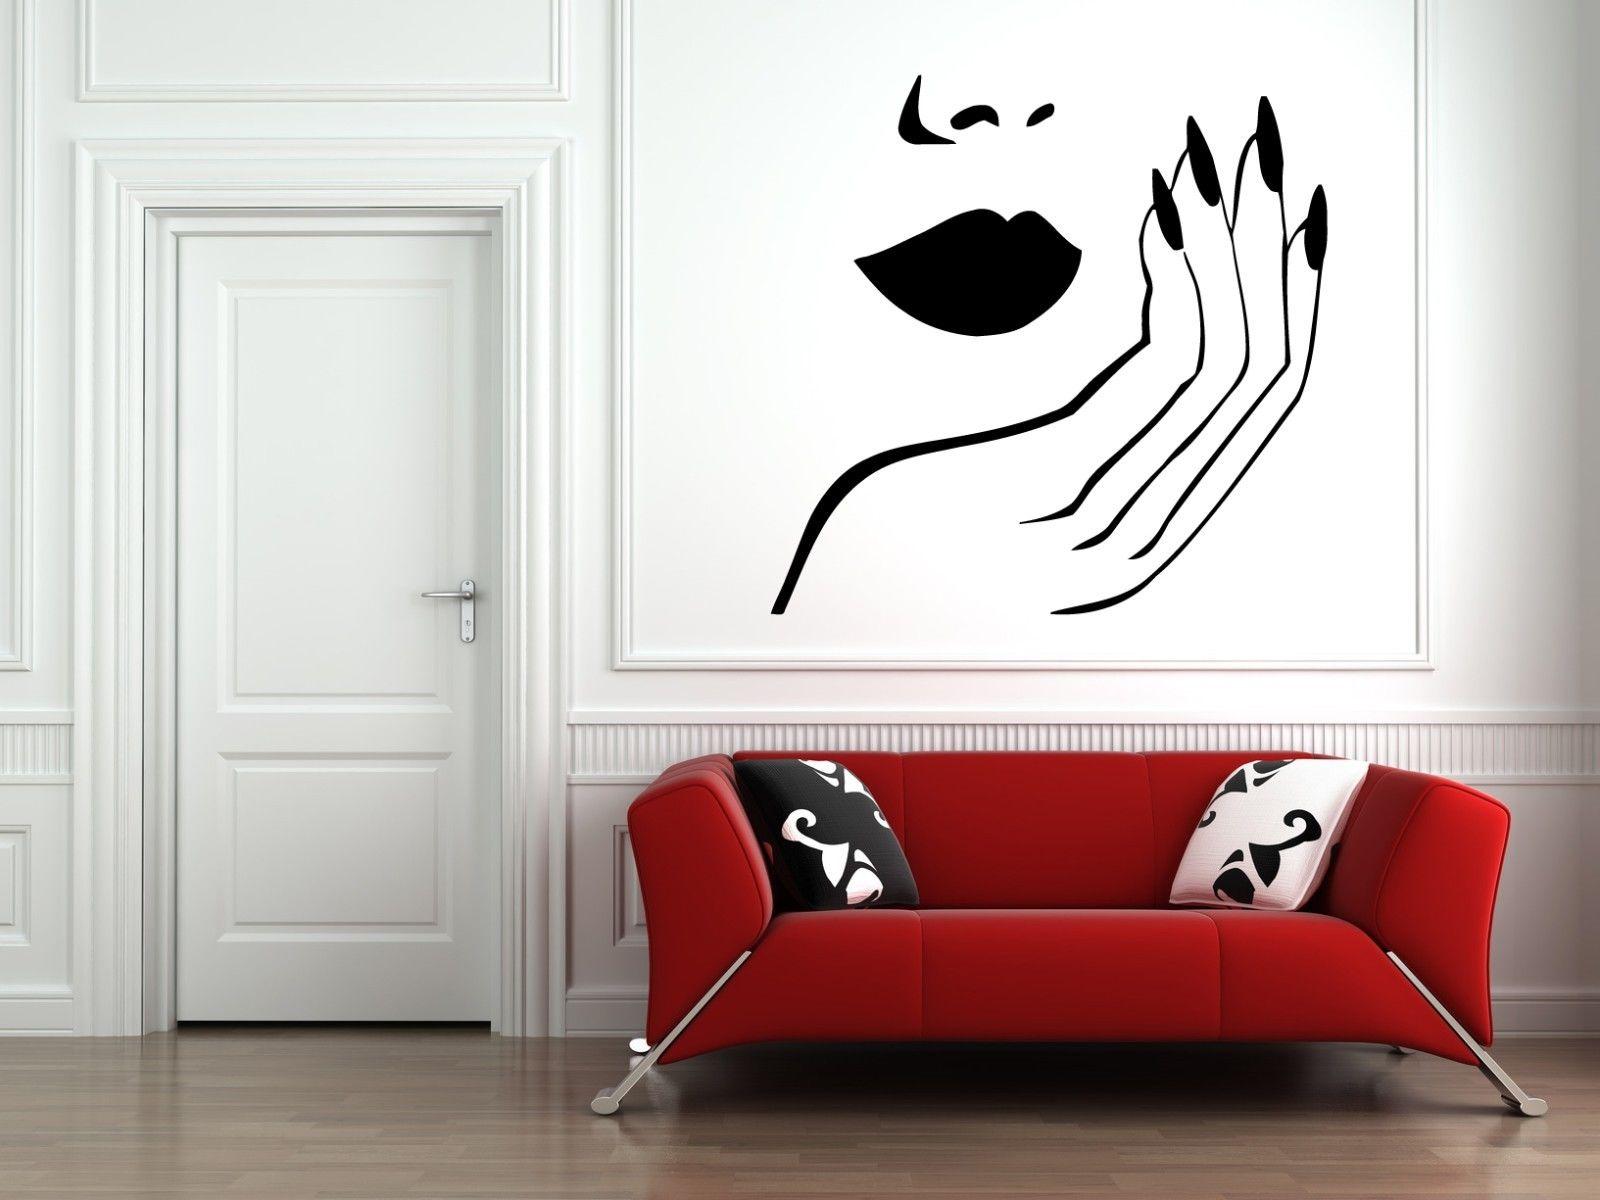 Full Size of Hwhd Wandtattoo Schlafzimmer Nagelstudio Frau Gesicht Lippen Hand Romantische Komplettangebote Vorhänge Komplett Weiß Landhaus Set Rauch Betten Mit Schlafzimmer Wandtattoo Schlafzimmer